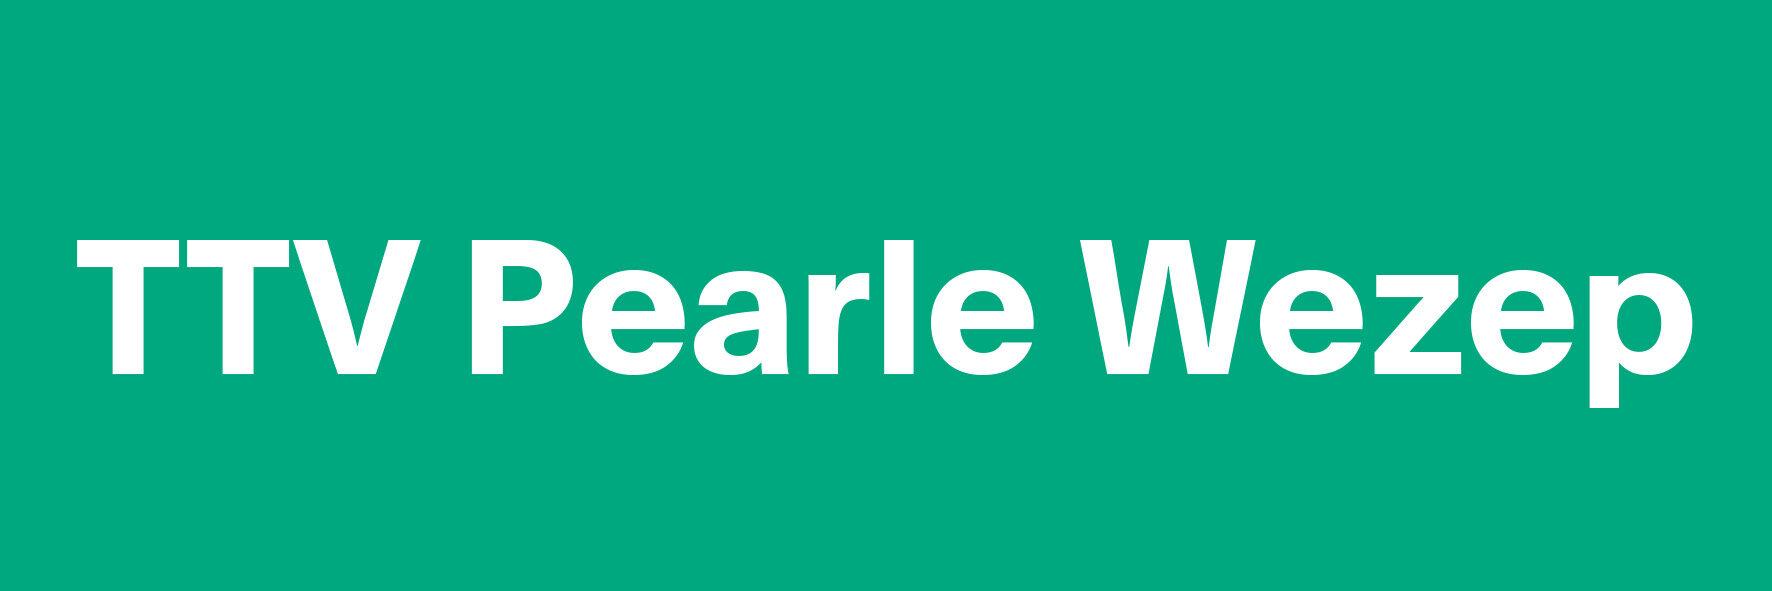 Tafeltennisvereniging Pearle Wezep